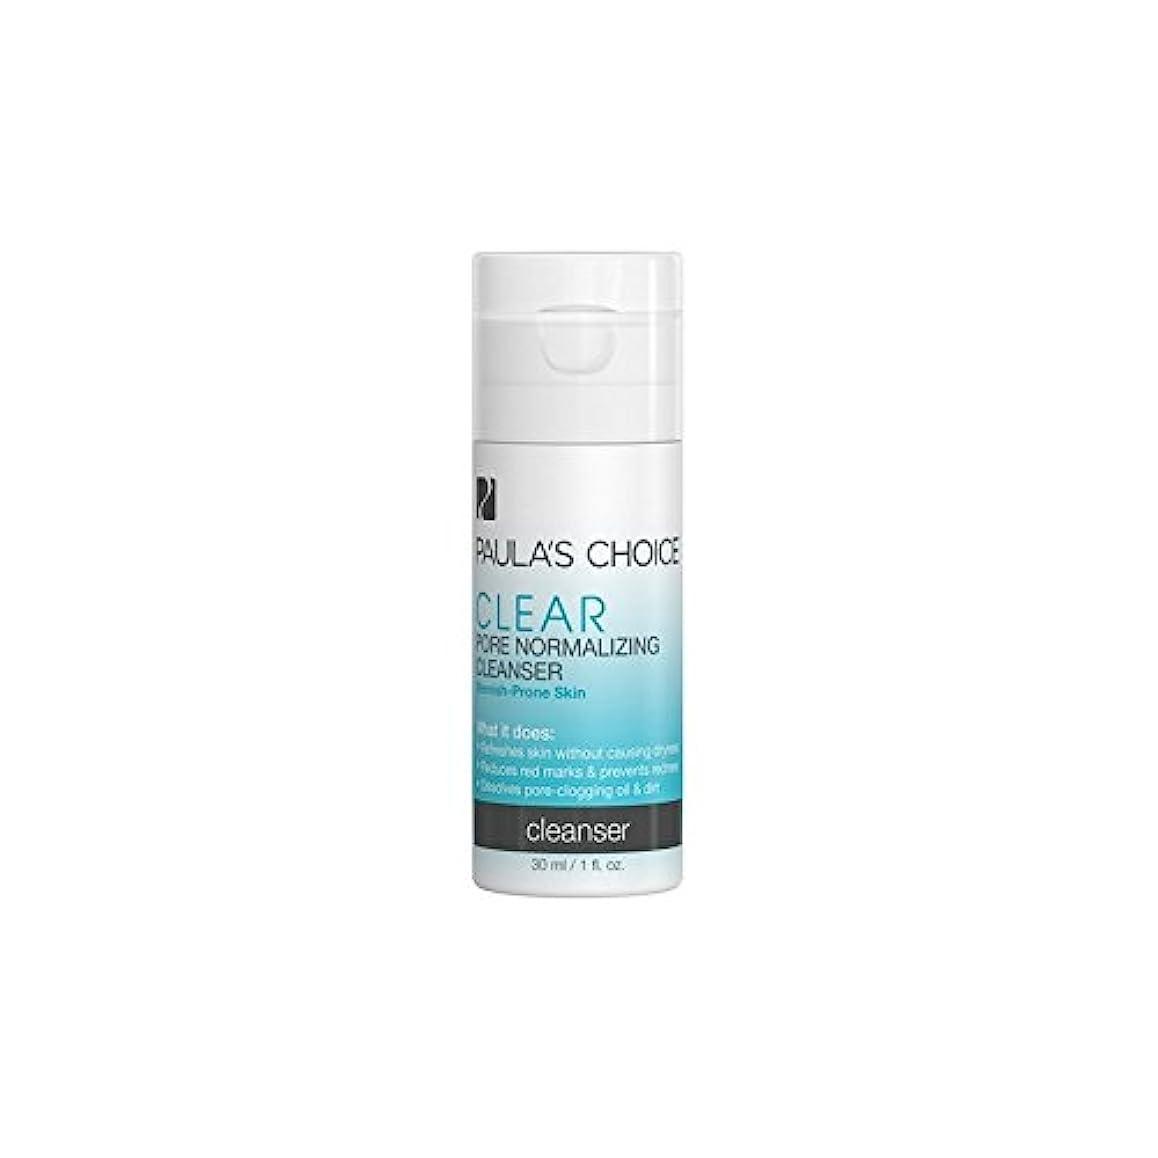 相手スパイ野球Paula's Choice Clear Pore Normalizing Cleanser - Trial Size (30ml) - ポーラチョイス明確な細孔正規クレンザー - お試しサイズ(30ミリリットル) [並行輸入品]